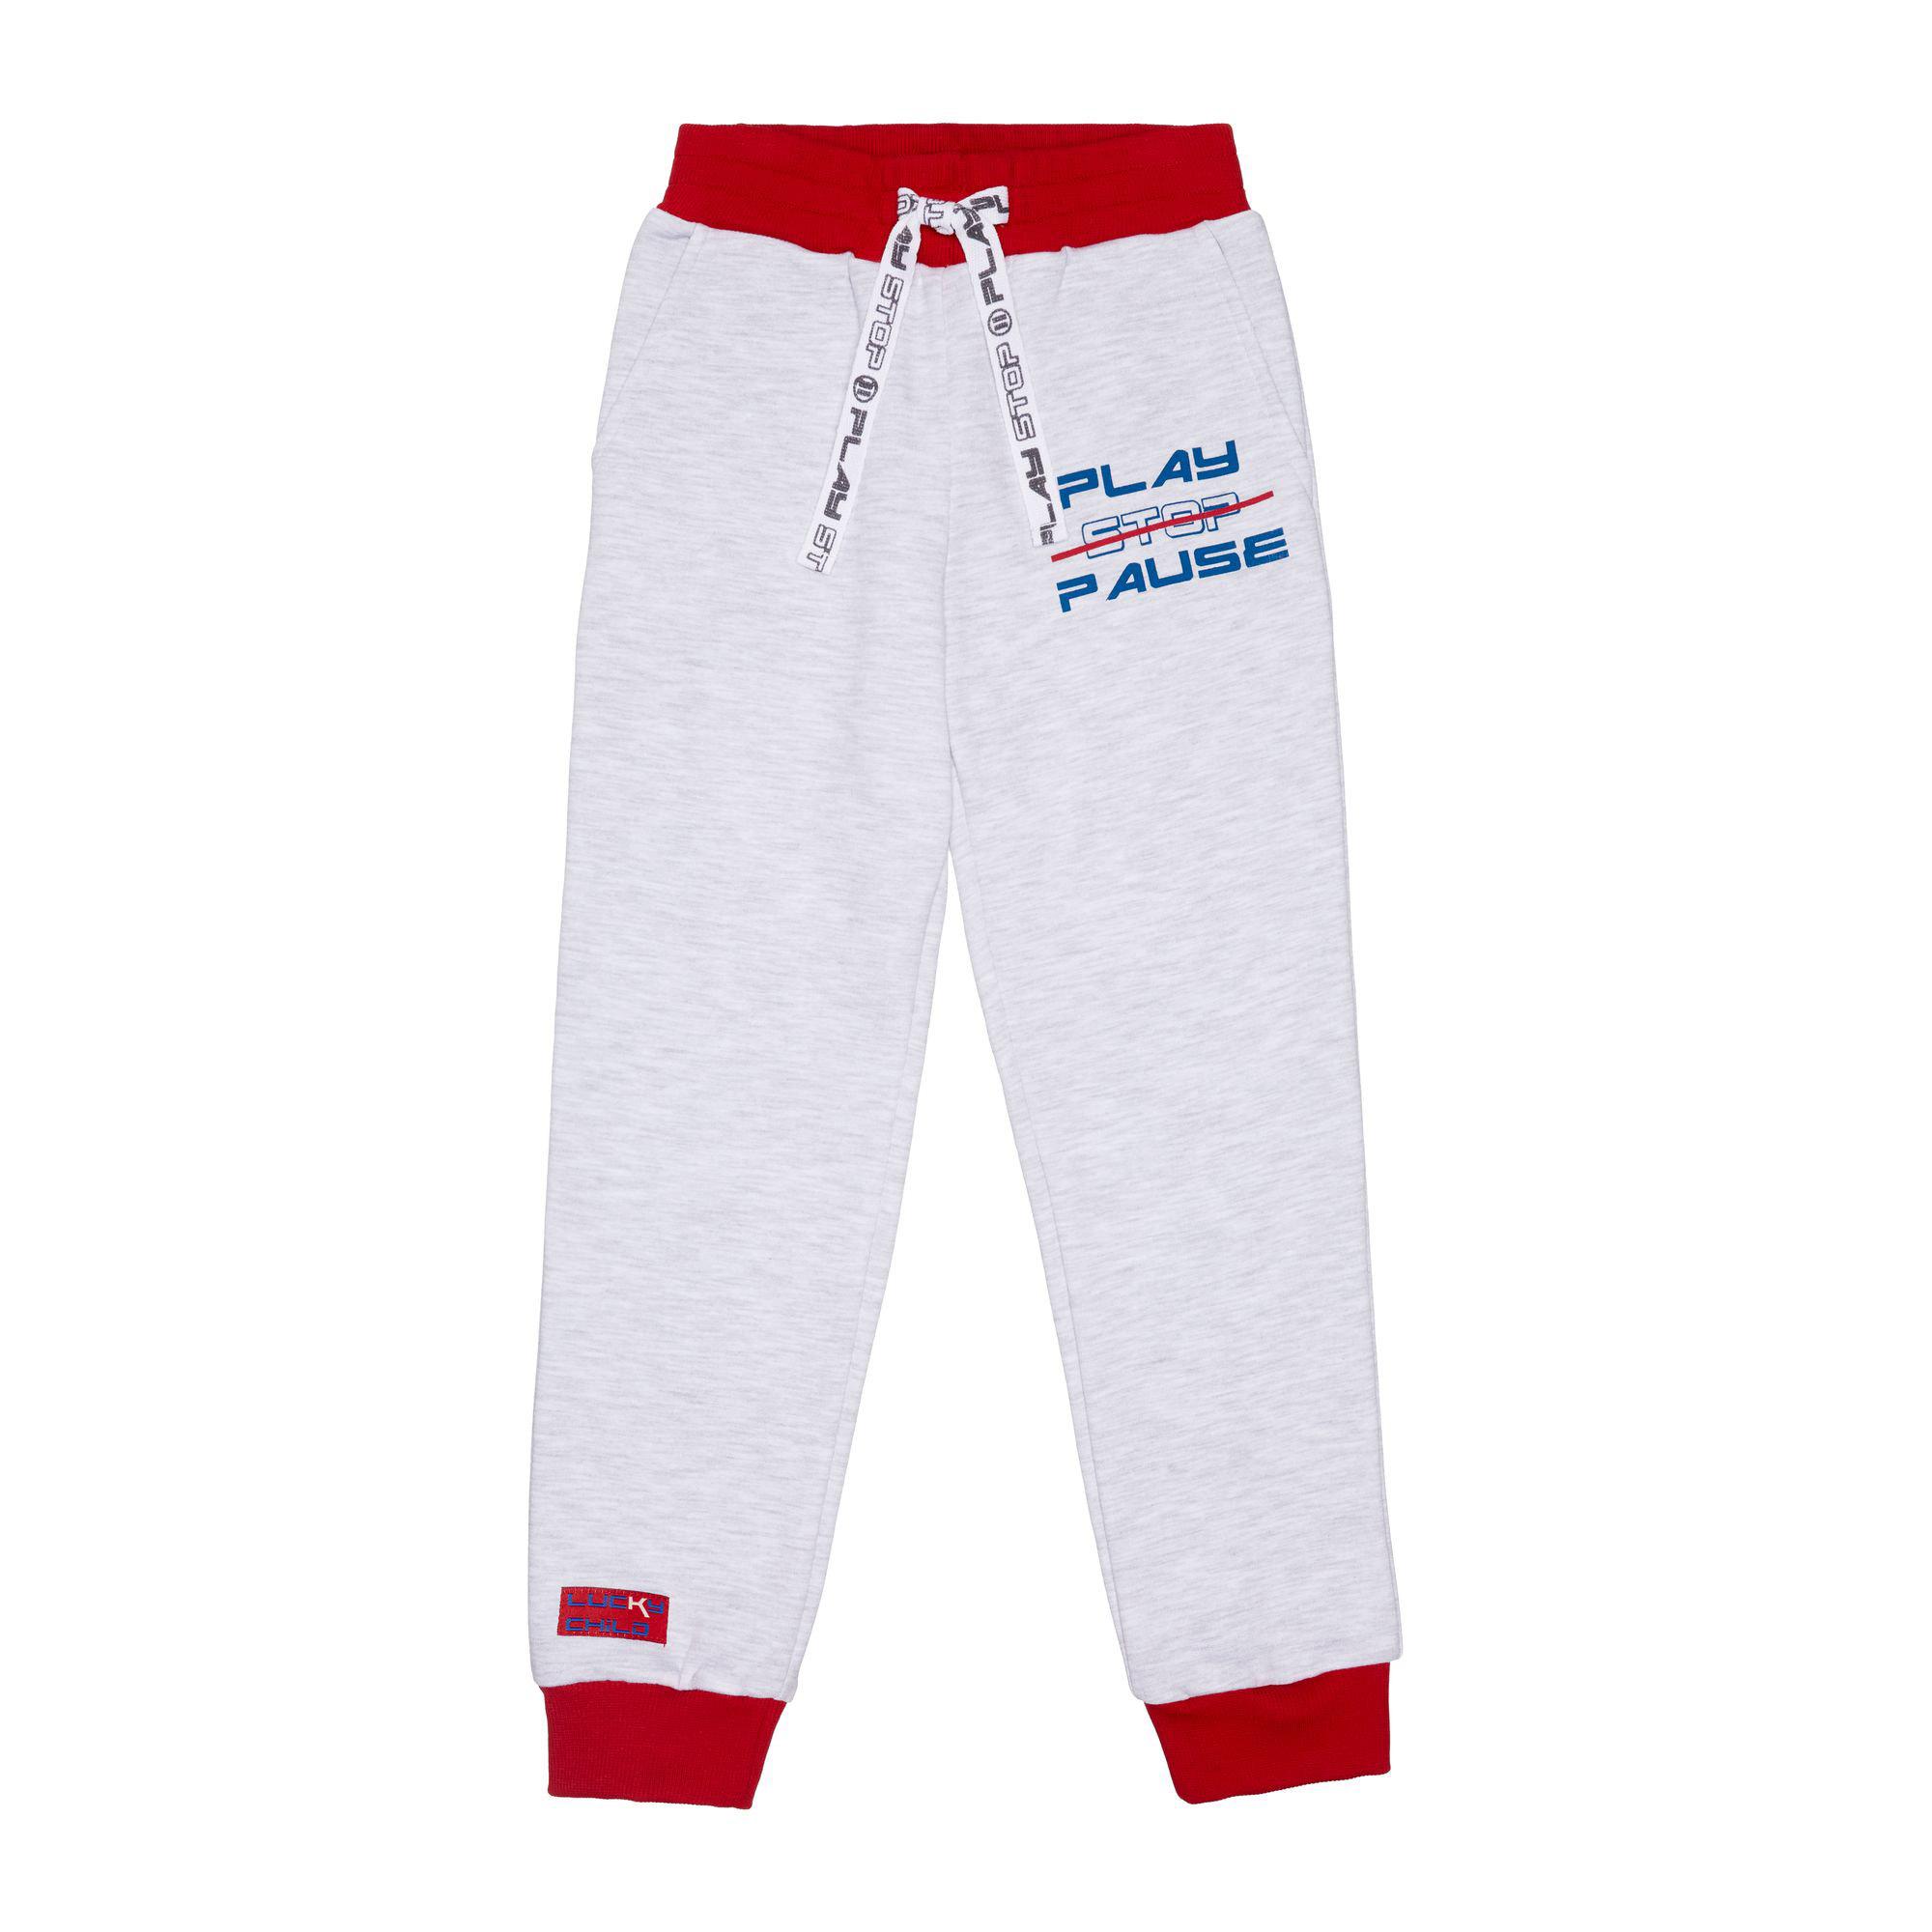 Купить Спортивные брюки Lucky Child Больше пространства серые 116-122, Серый, Футер, Для мальчиков, Осень-Зима,